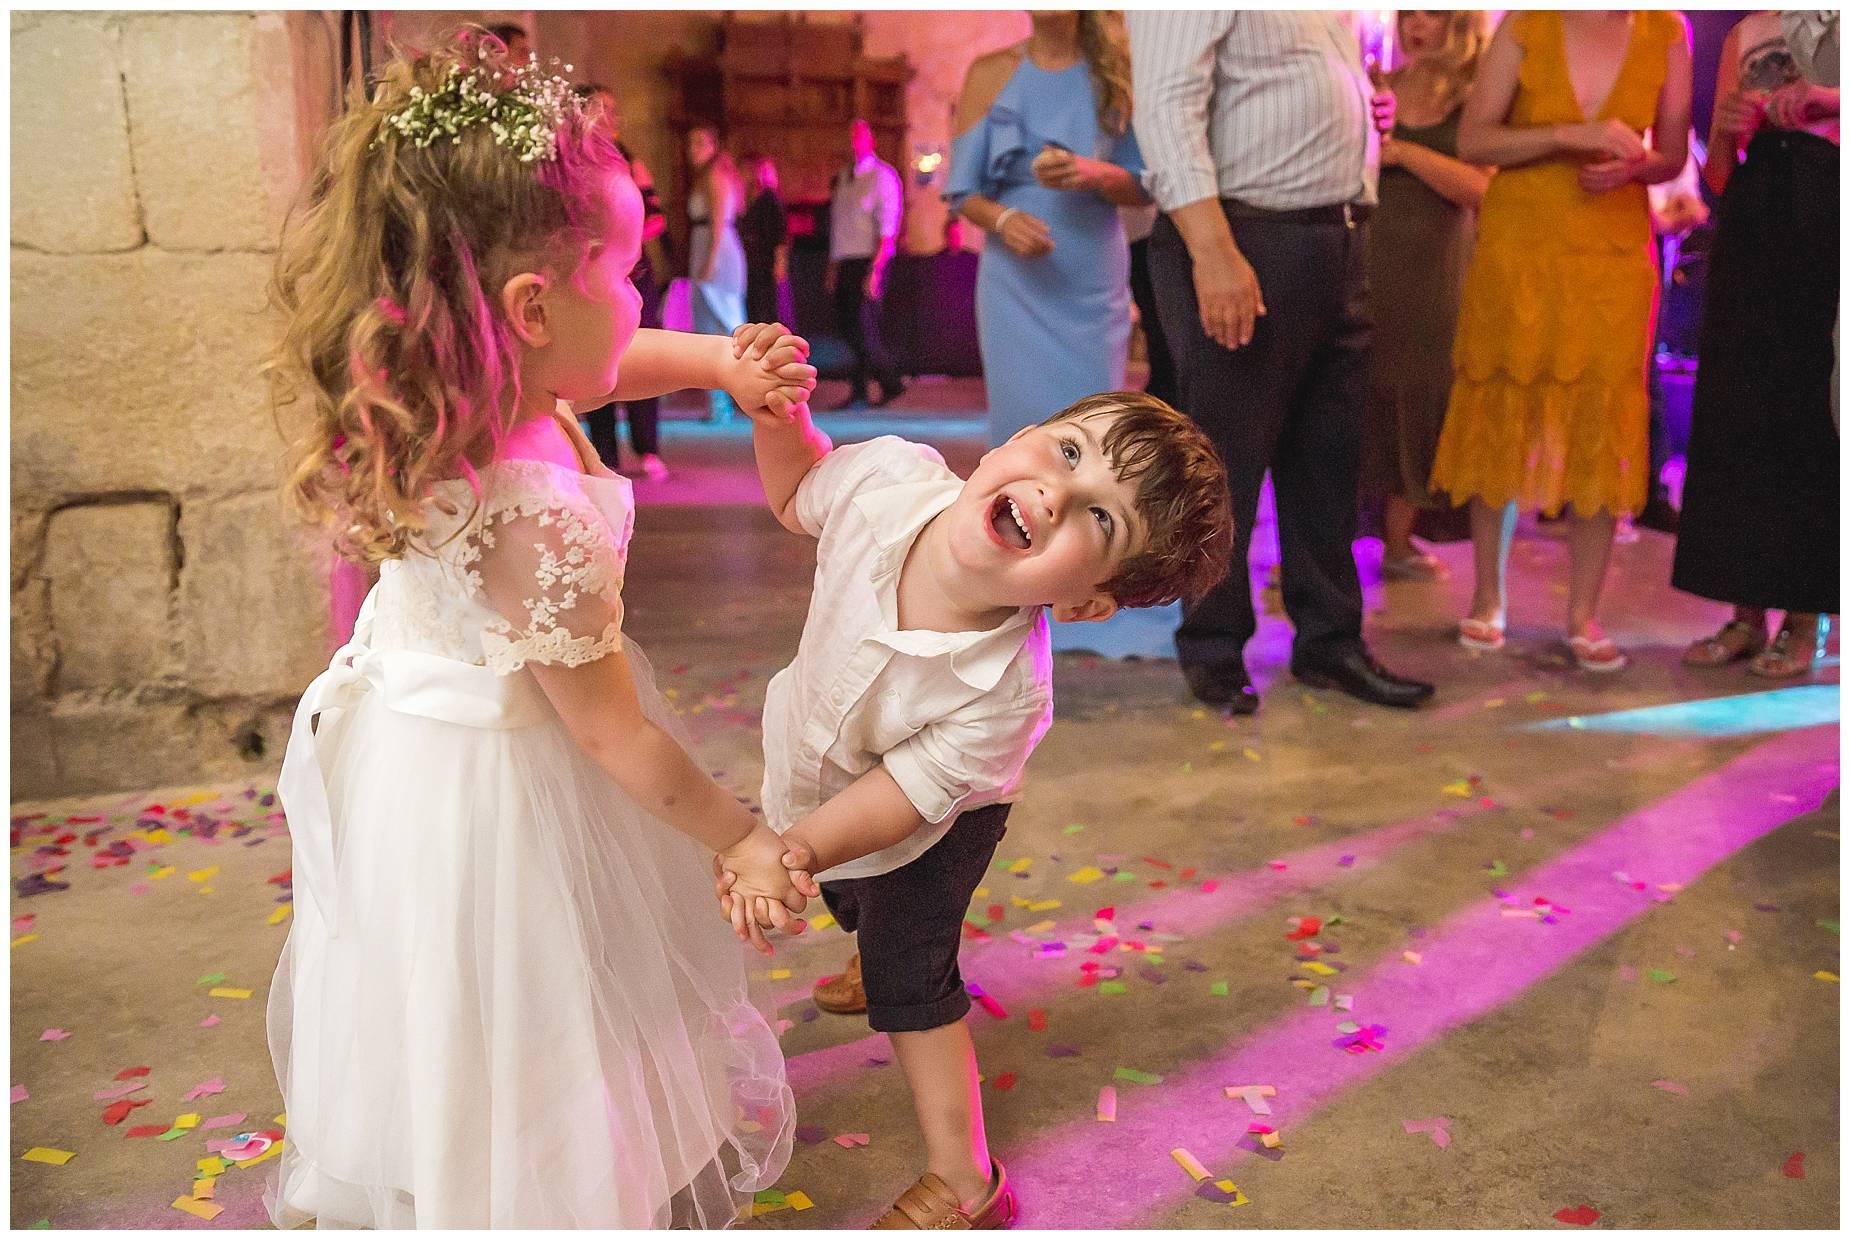 more kids dancing